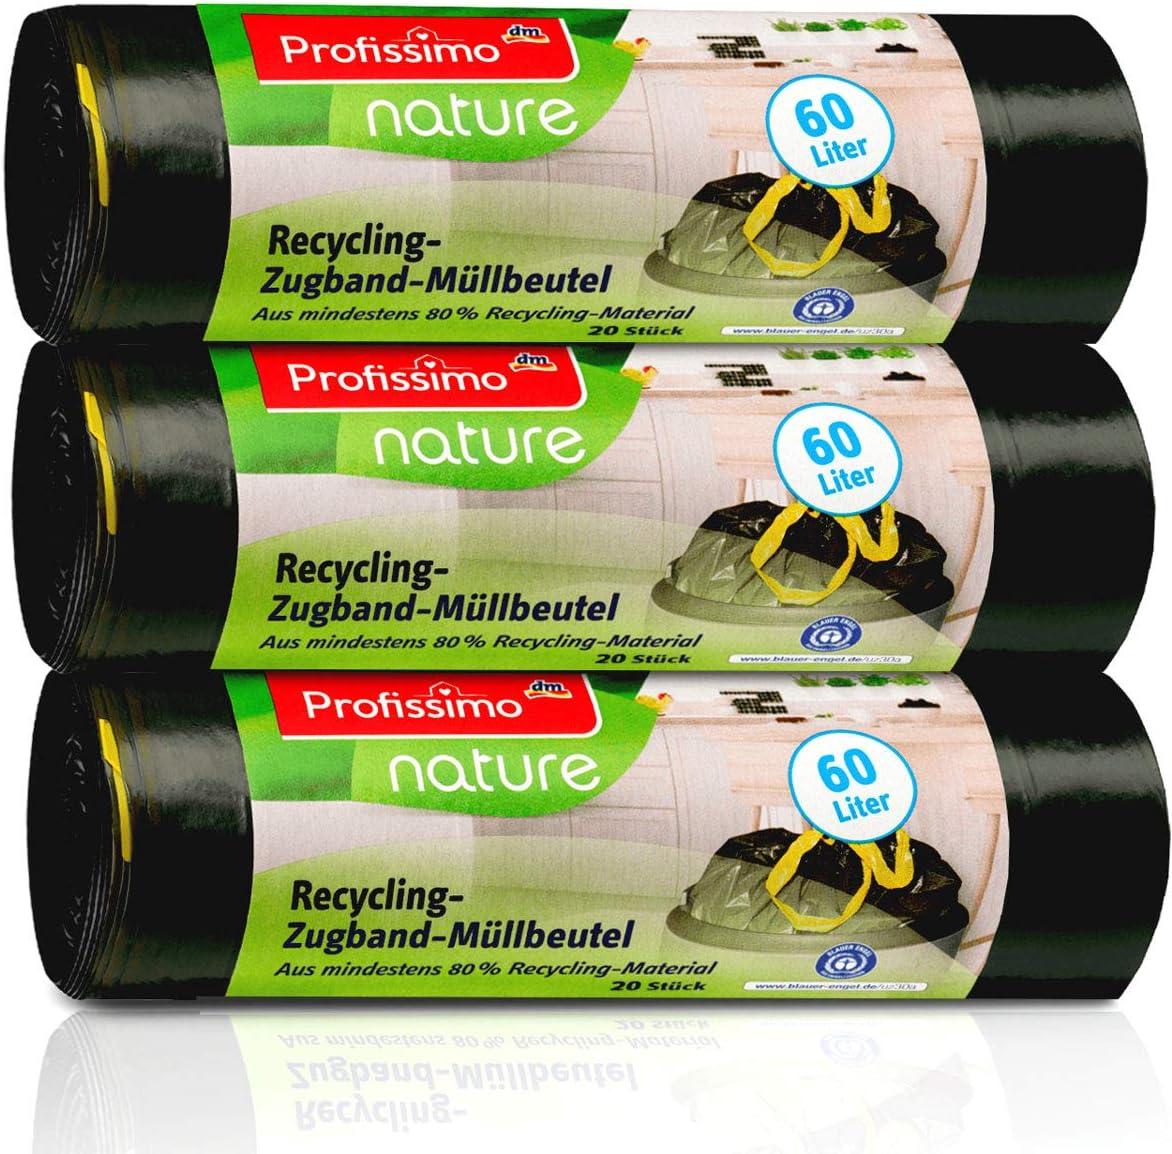 """Öko Müllbeutel mit Zugband - 60 Liter (60 Stück) - Extrem Reißfest & Flüssigkeitsdicht - 3er Pack (3x20 Stück) - """"Blauer Engel"""" Zertifikat"""